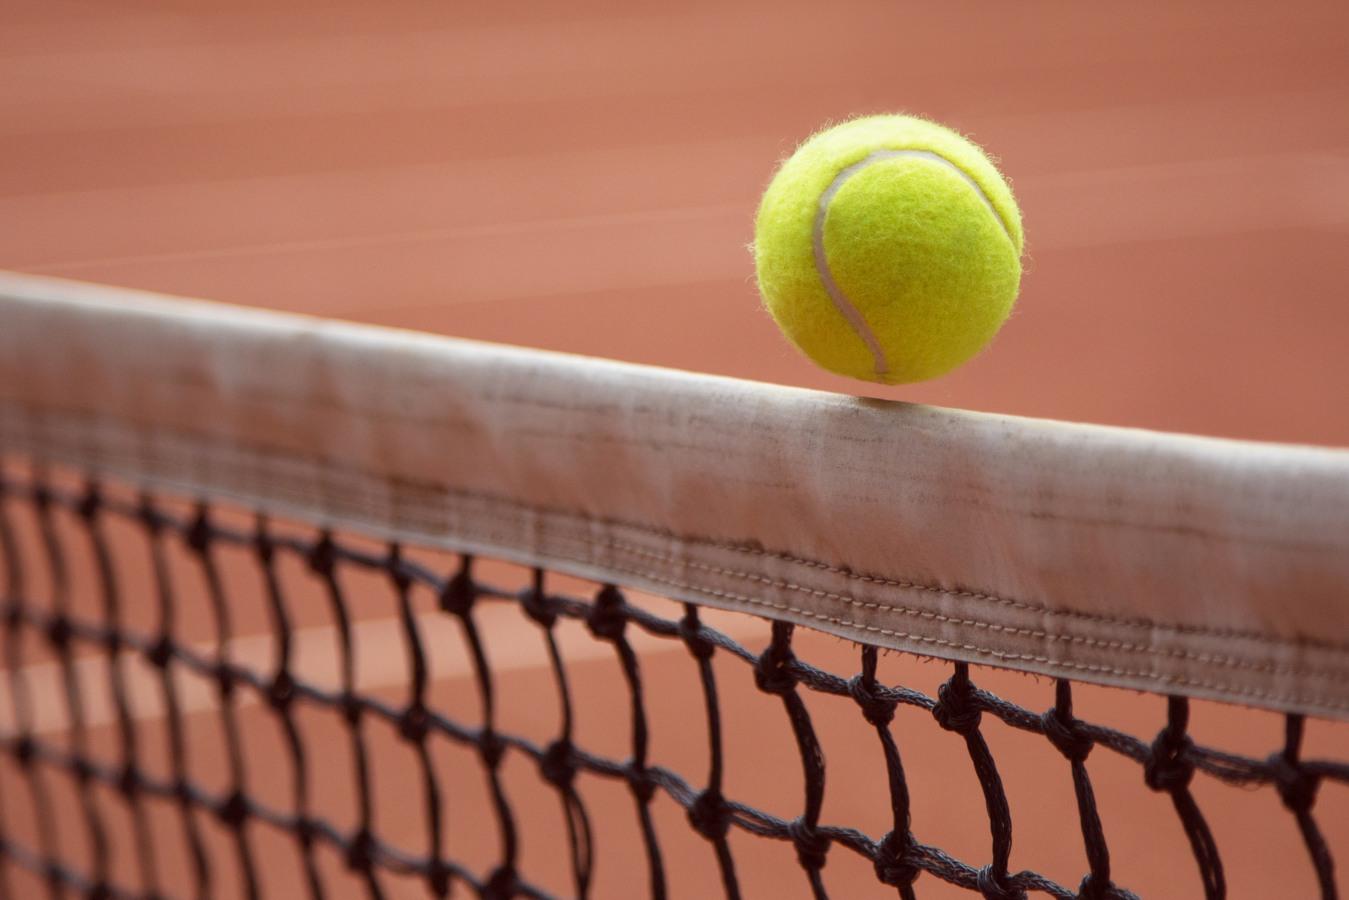 Bola de ténis na rede